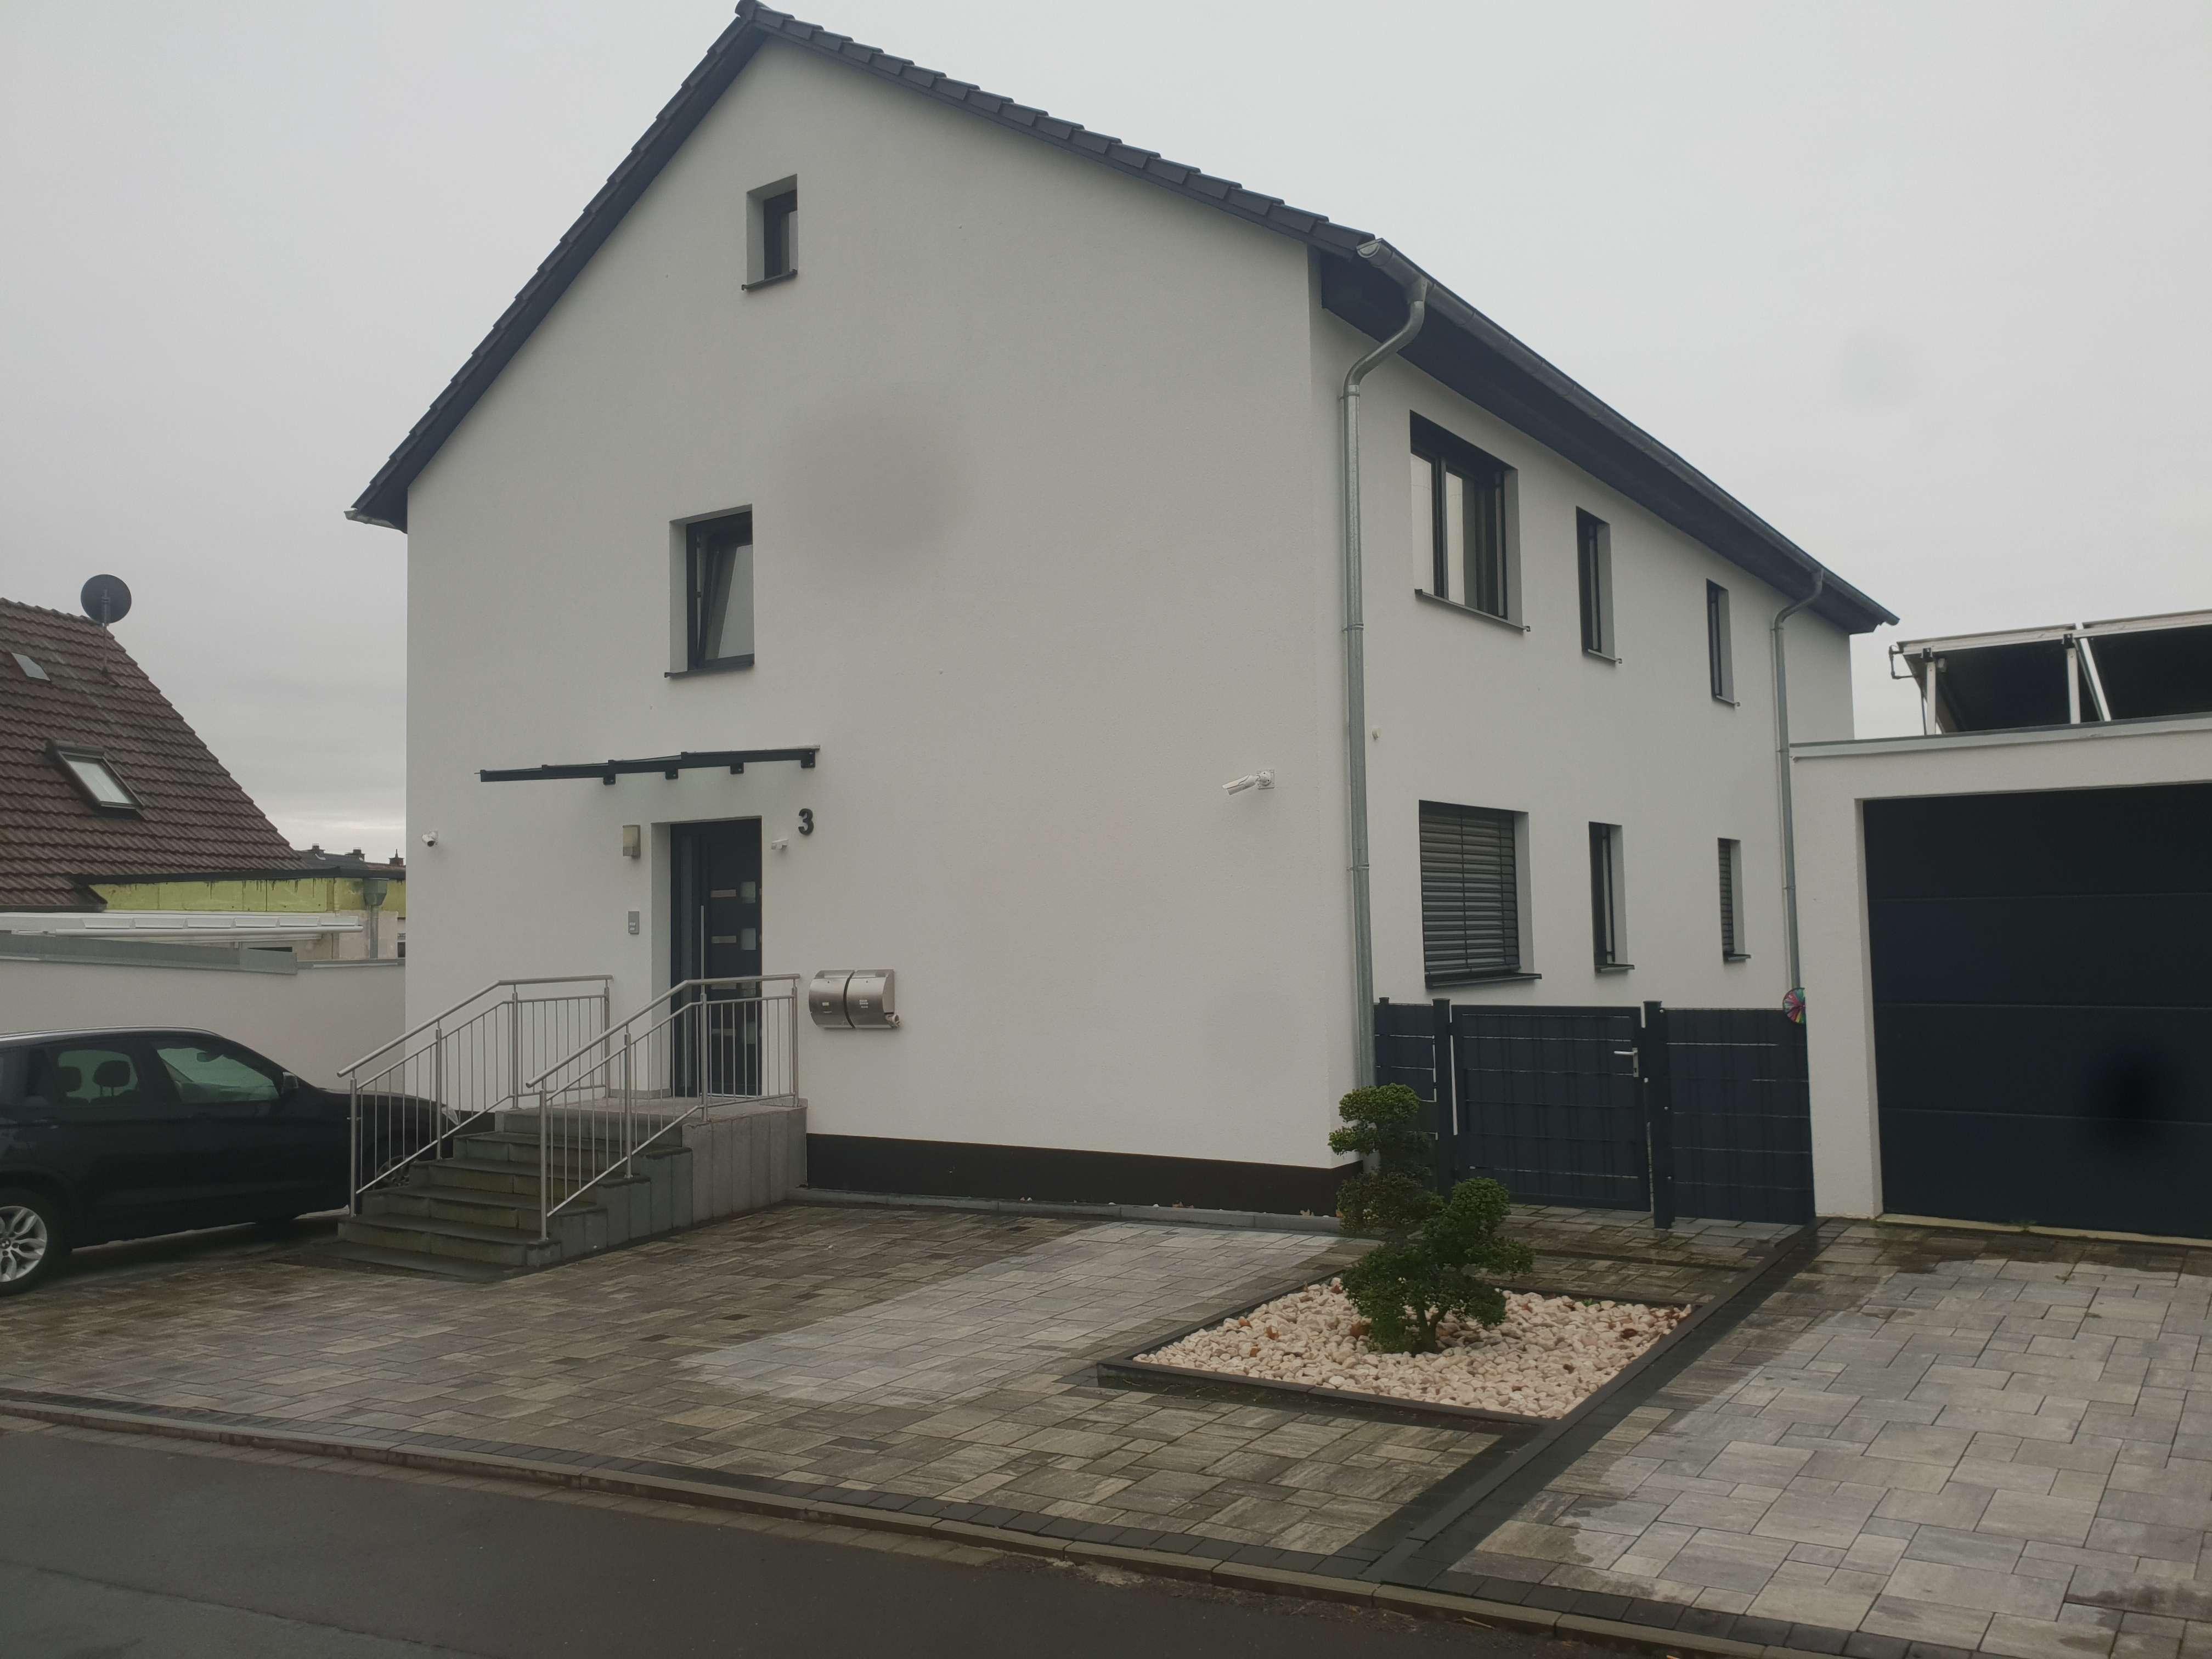 4-Zimmer-Wohnung mit Balkon in Aschaffenburg-Strietwald in